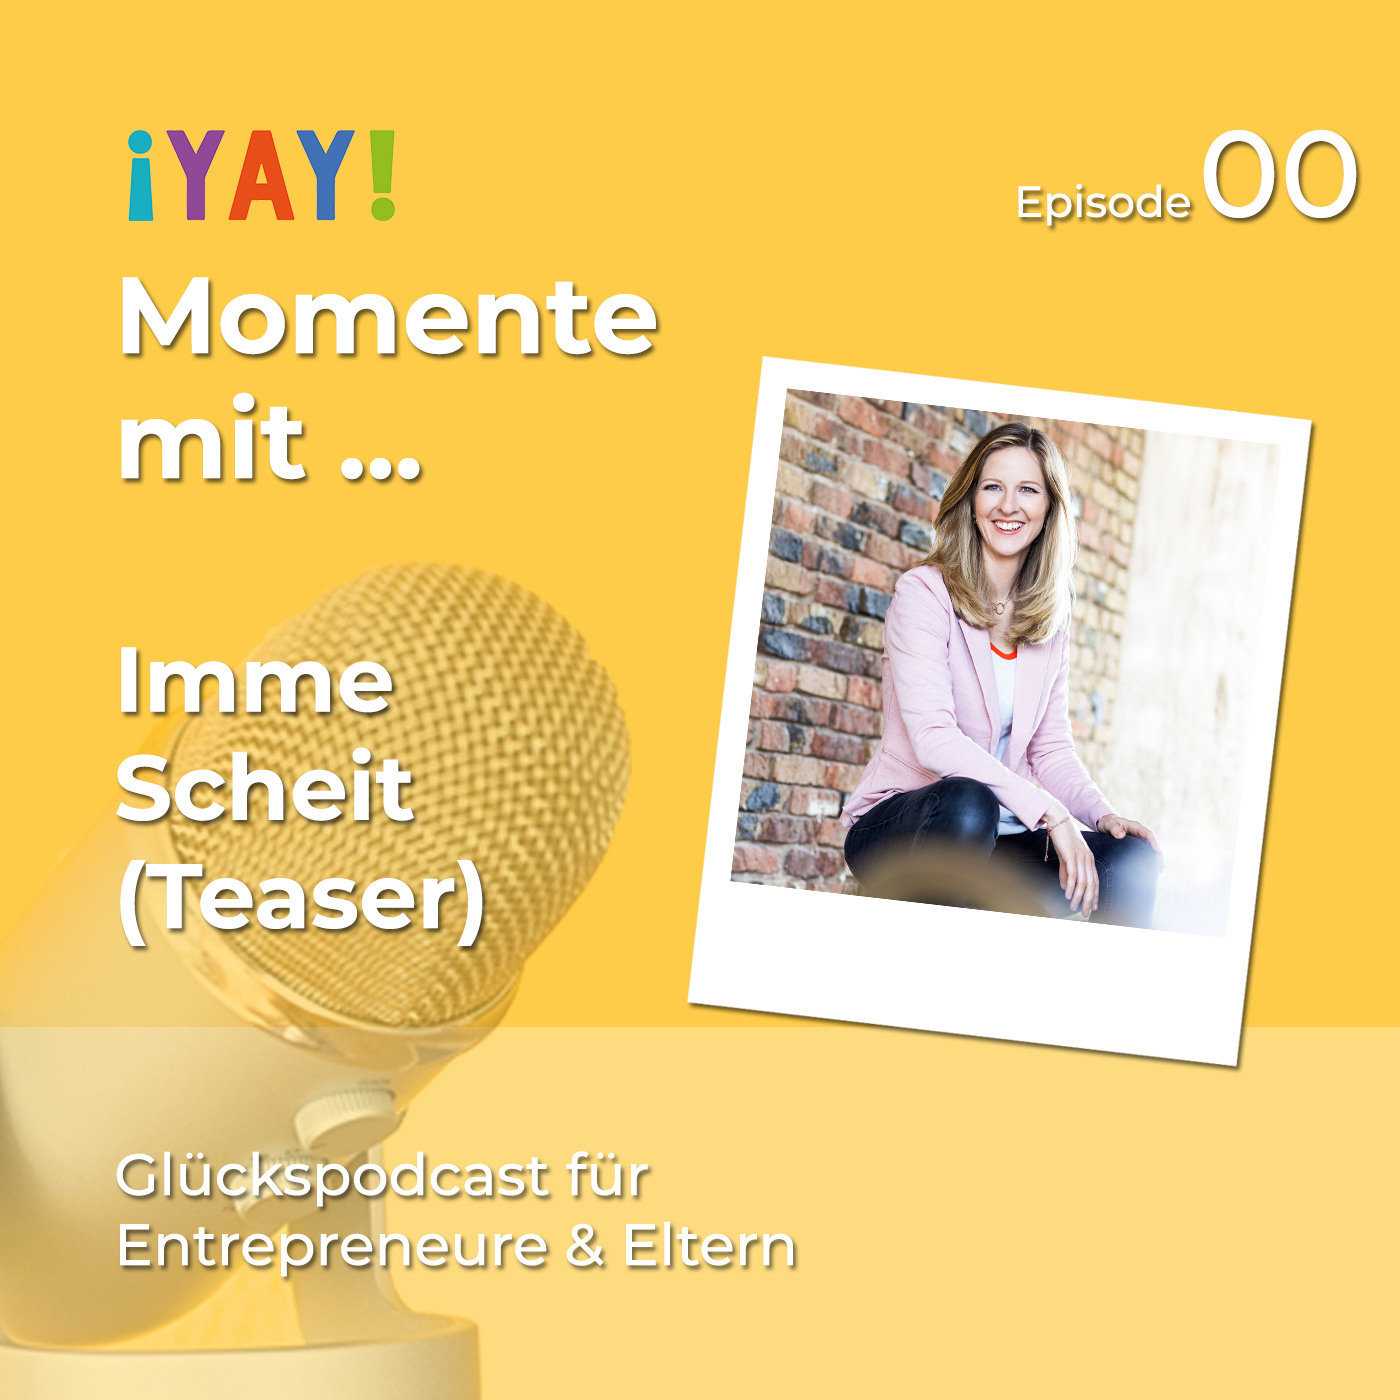 Episode 00: YAY-Momente mit... TEASER von Podcasthost Imme Scheit